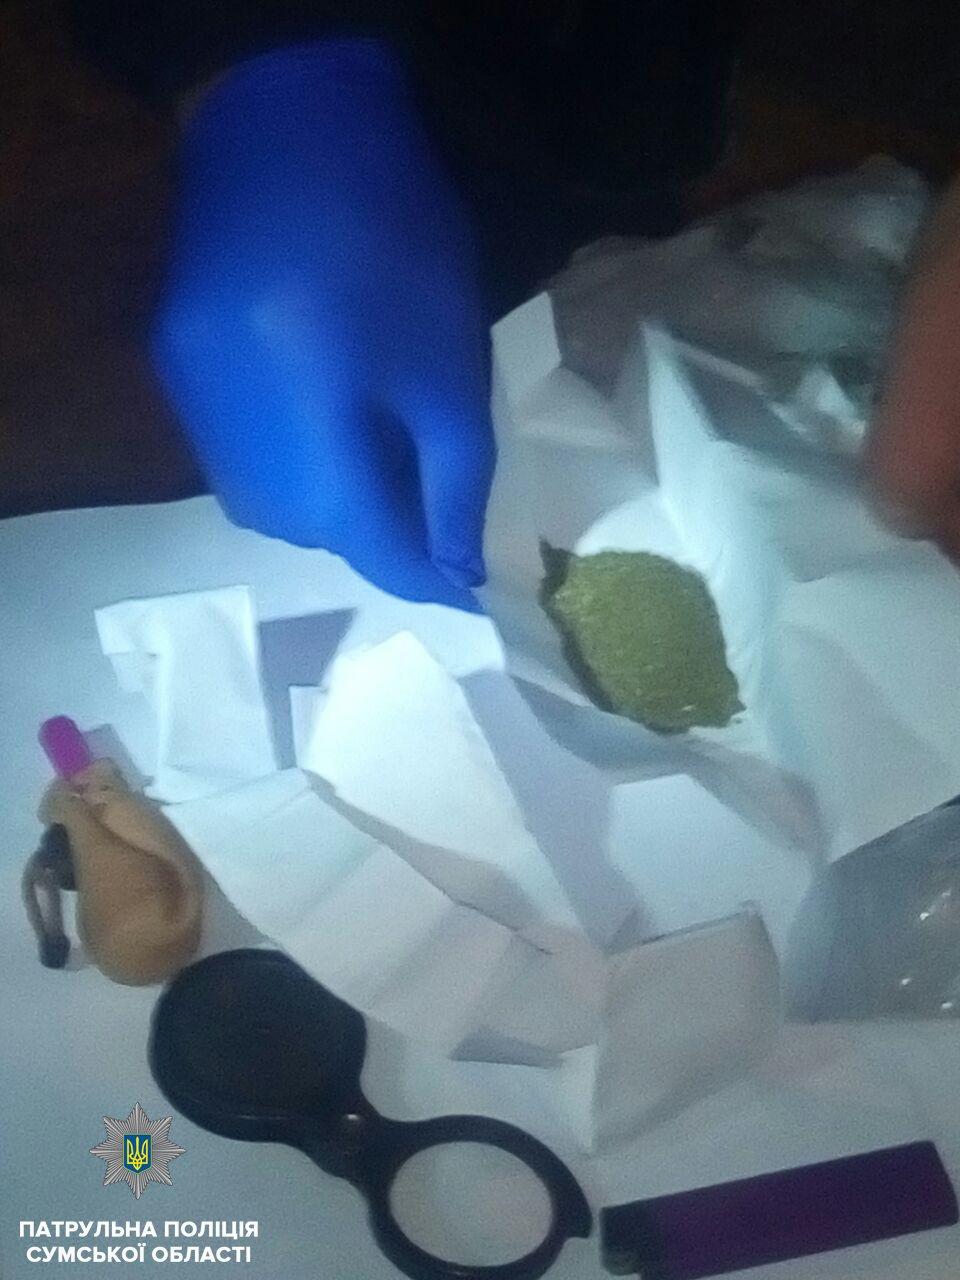 В Сумах остановили пьяного водителя без прав и с наркотиками, фото-1